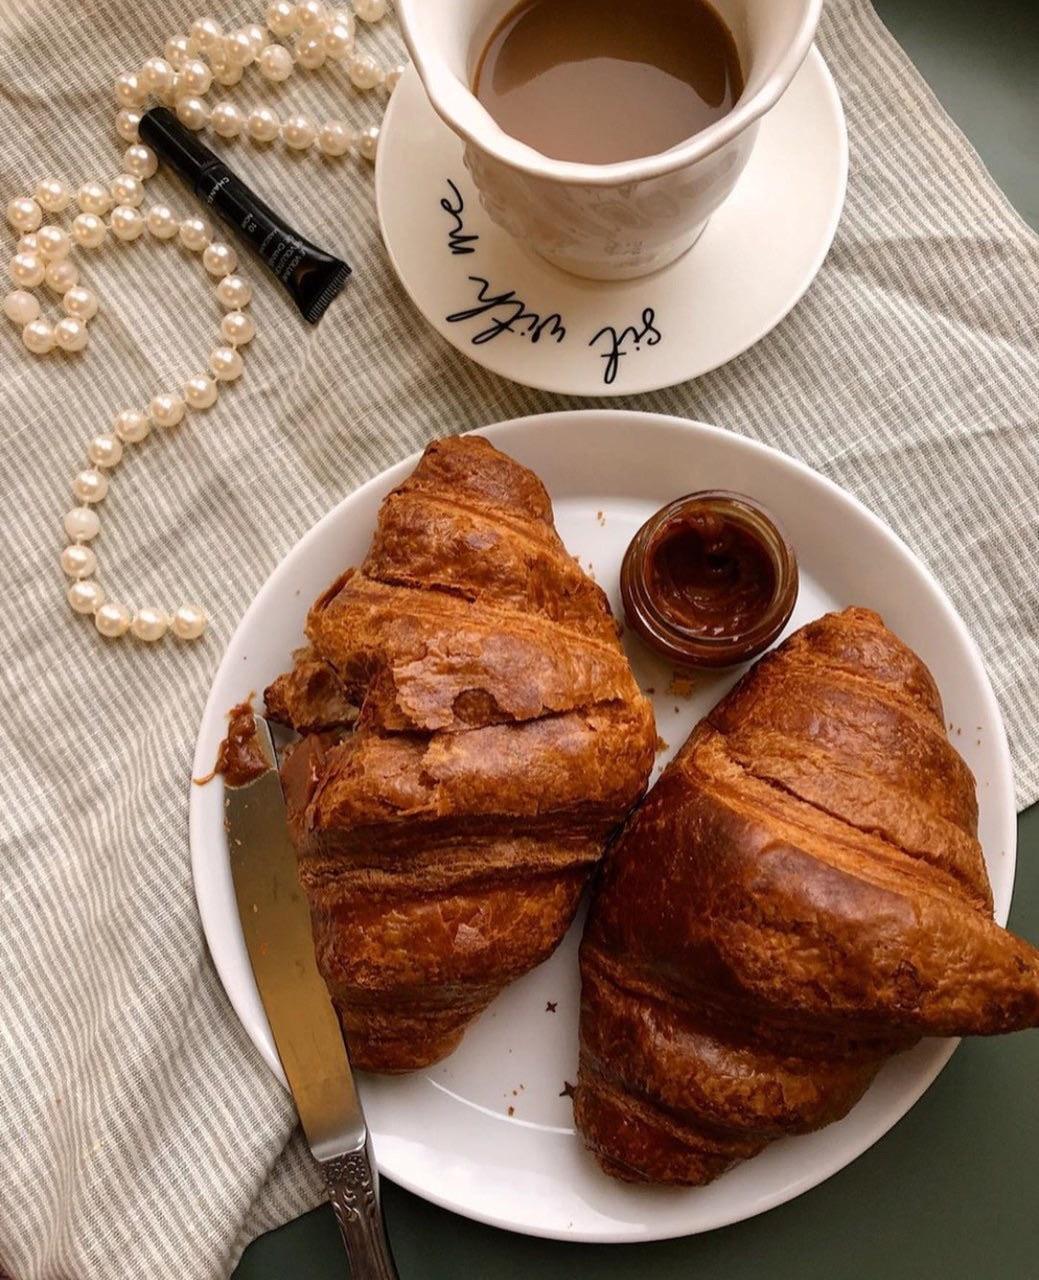 صباح الخير, قهوة, and صباحات image